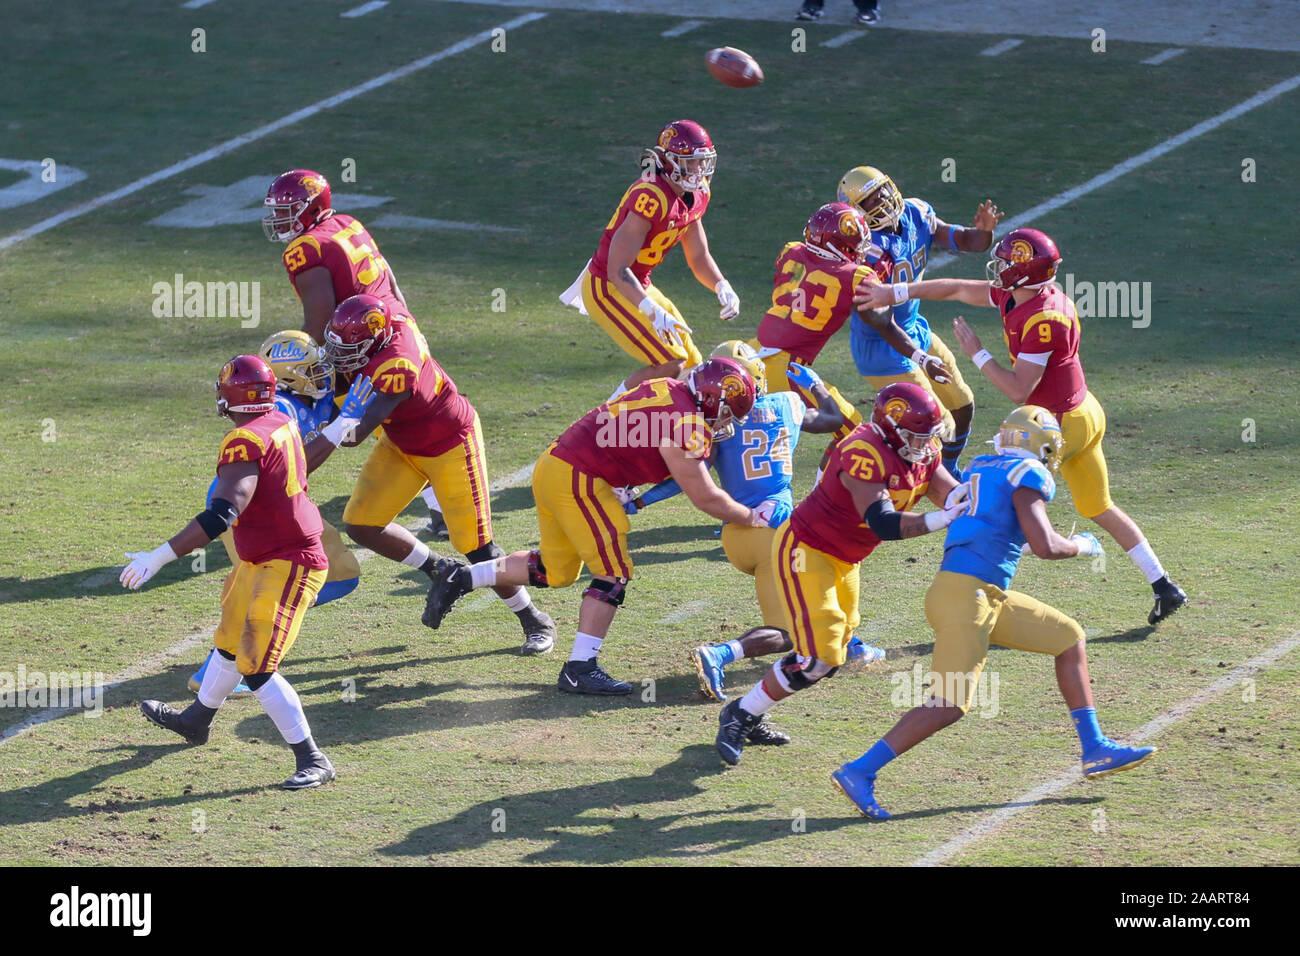 Usc Trojans Quarterback Kedon Slovis 9 Thows A Pass During